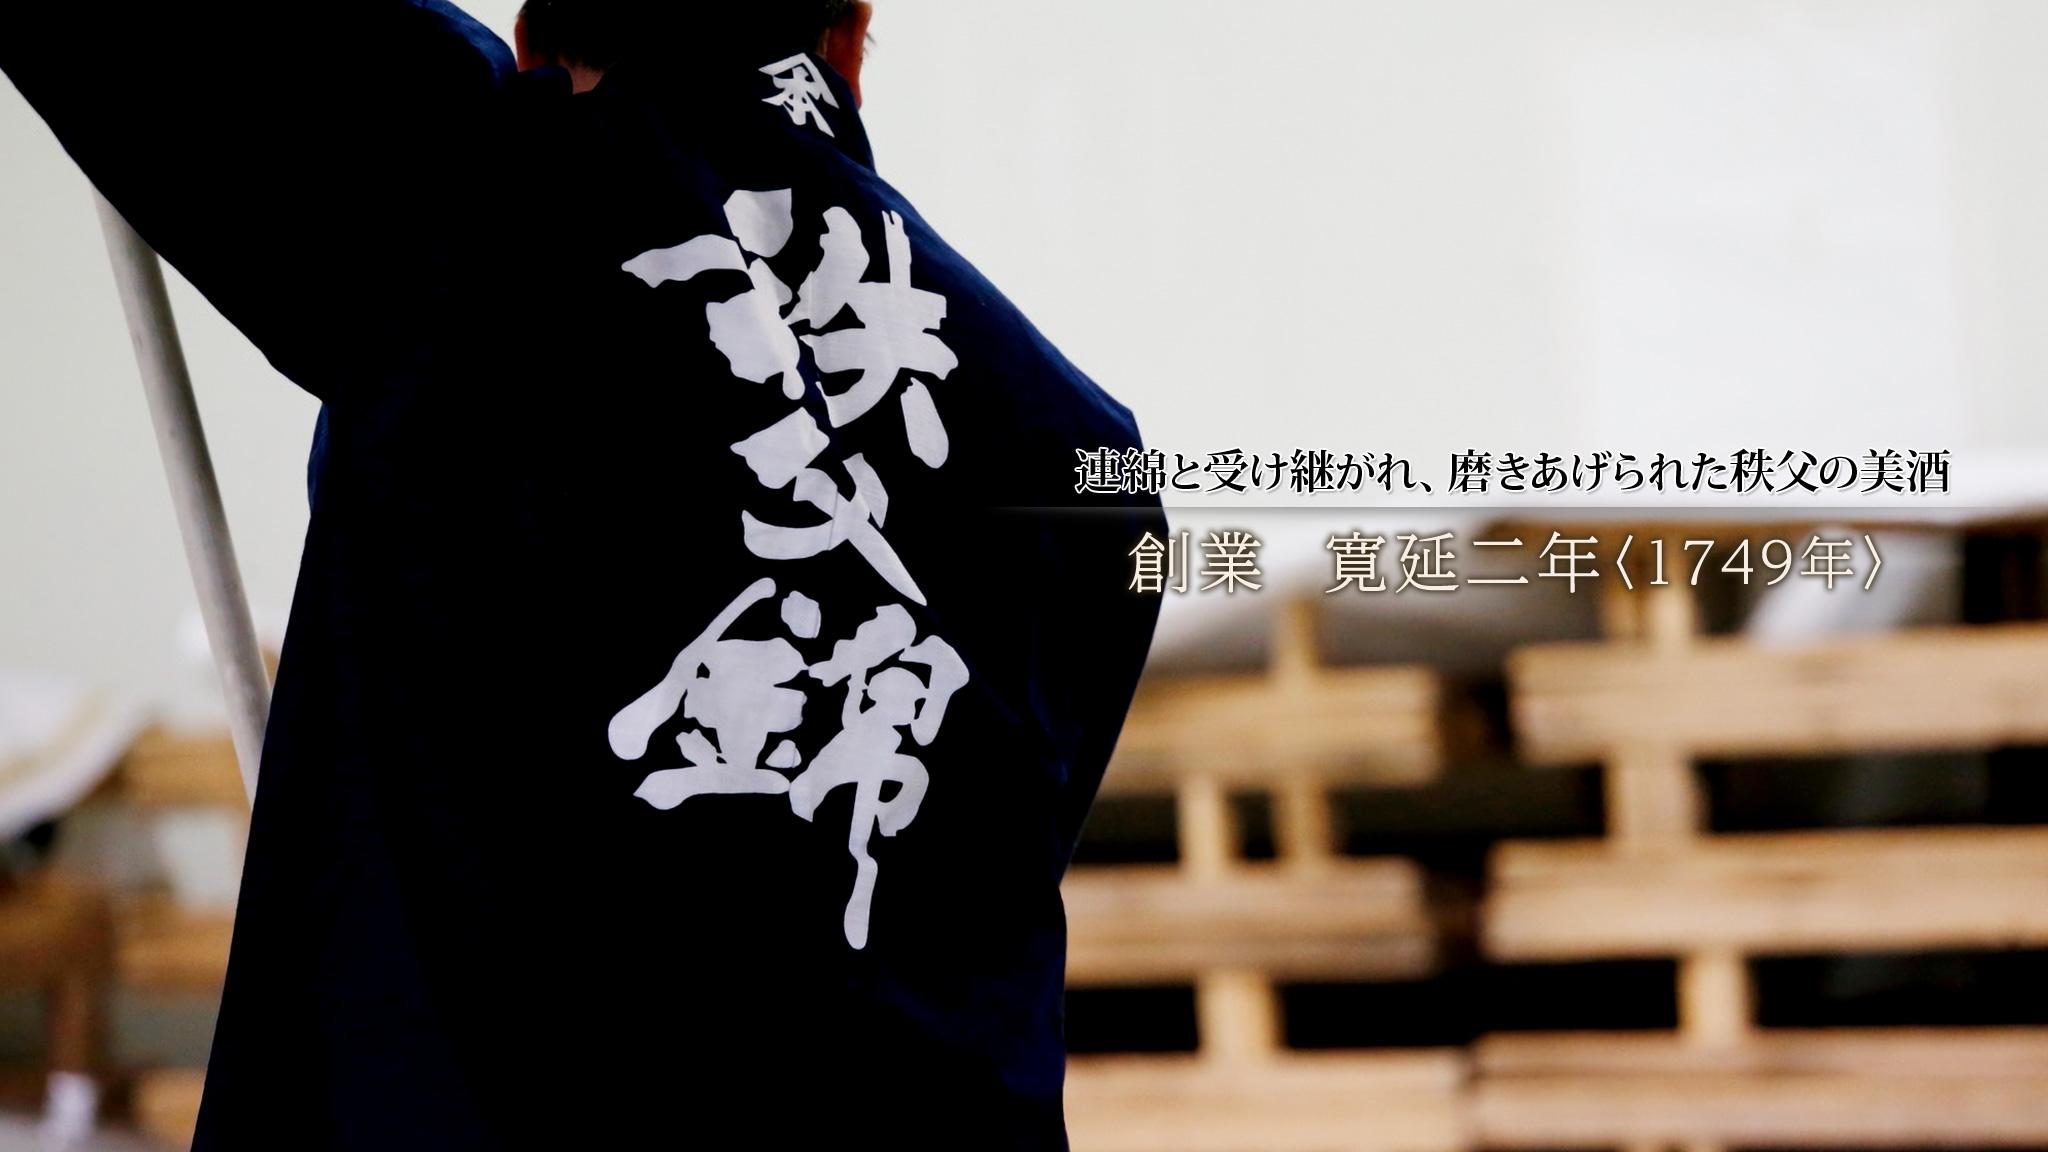 秩父錦 メインイメージ 創業 寛延二年(1749年)